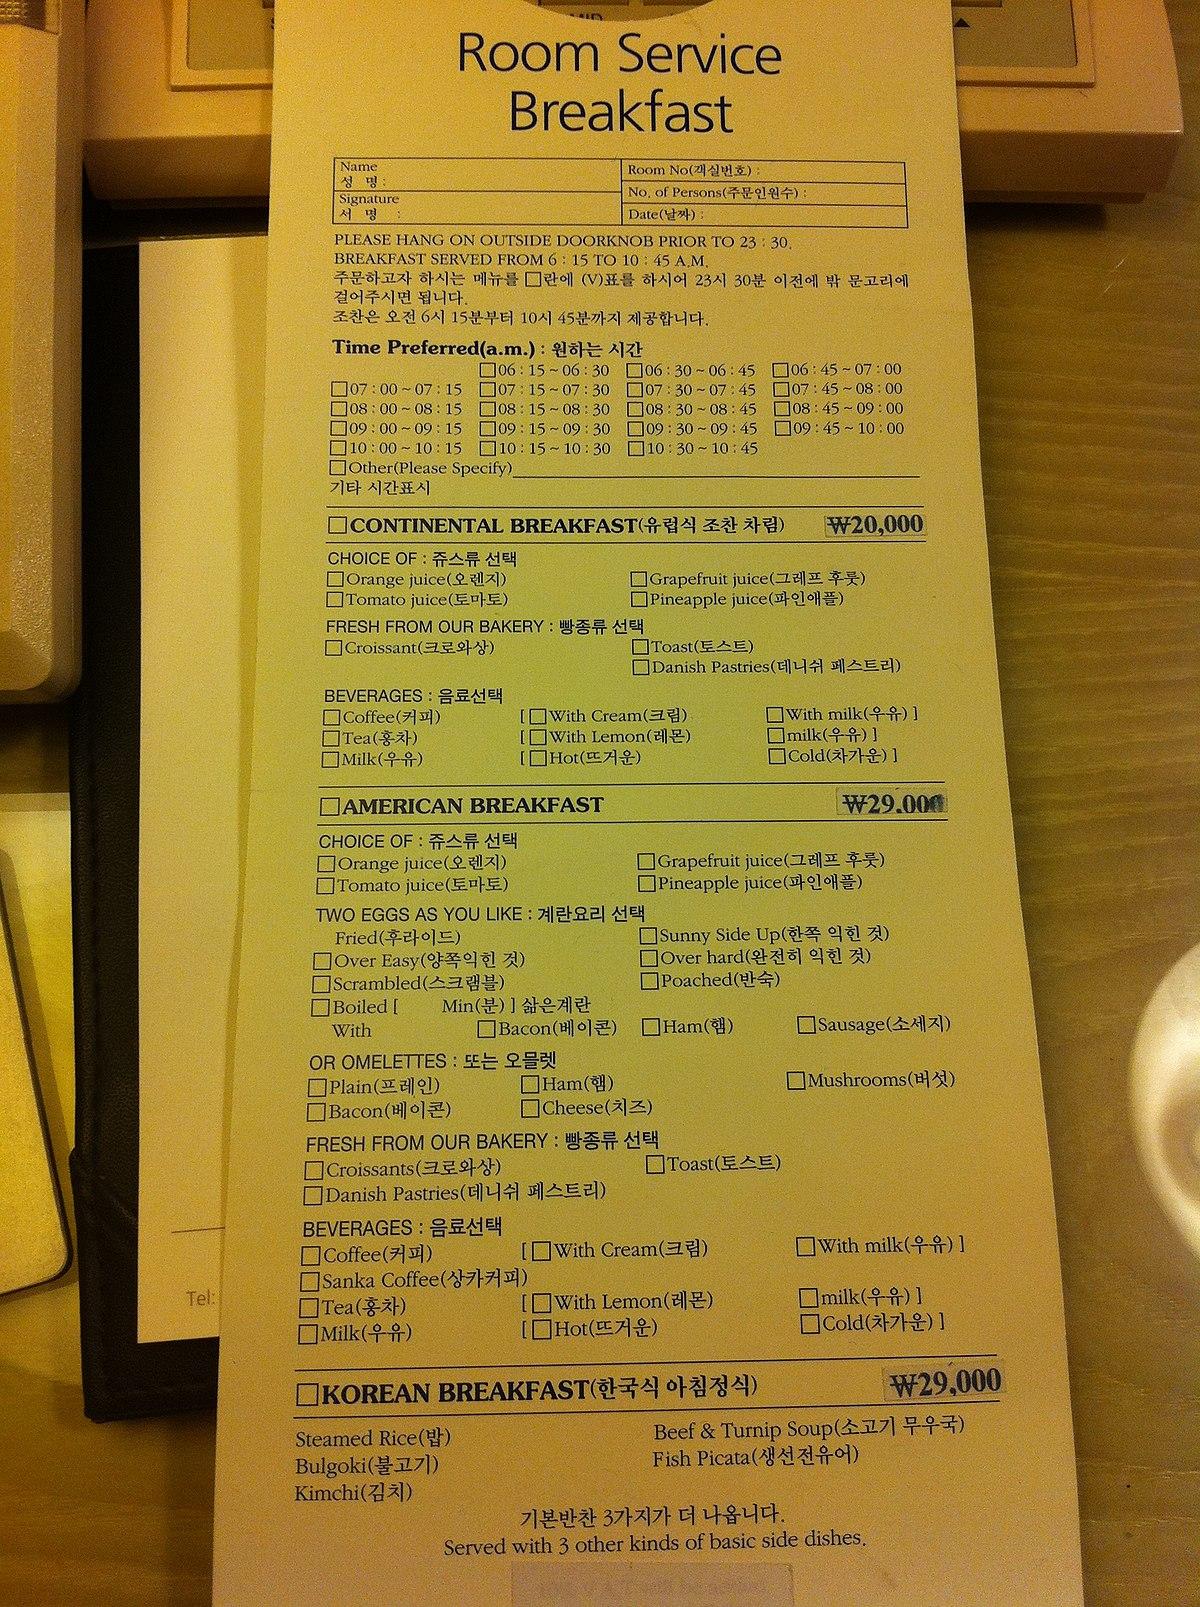 File Sk Korea Tour ɦ–爾 Ɯ€ä½³è¥¿æ–¹ ɦ–爾花園酒店 Best Western Premier Seoul Garden Hotel Room Service Breakfast Form July 2013 Jpg Wikimedia Commons